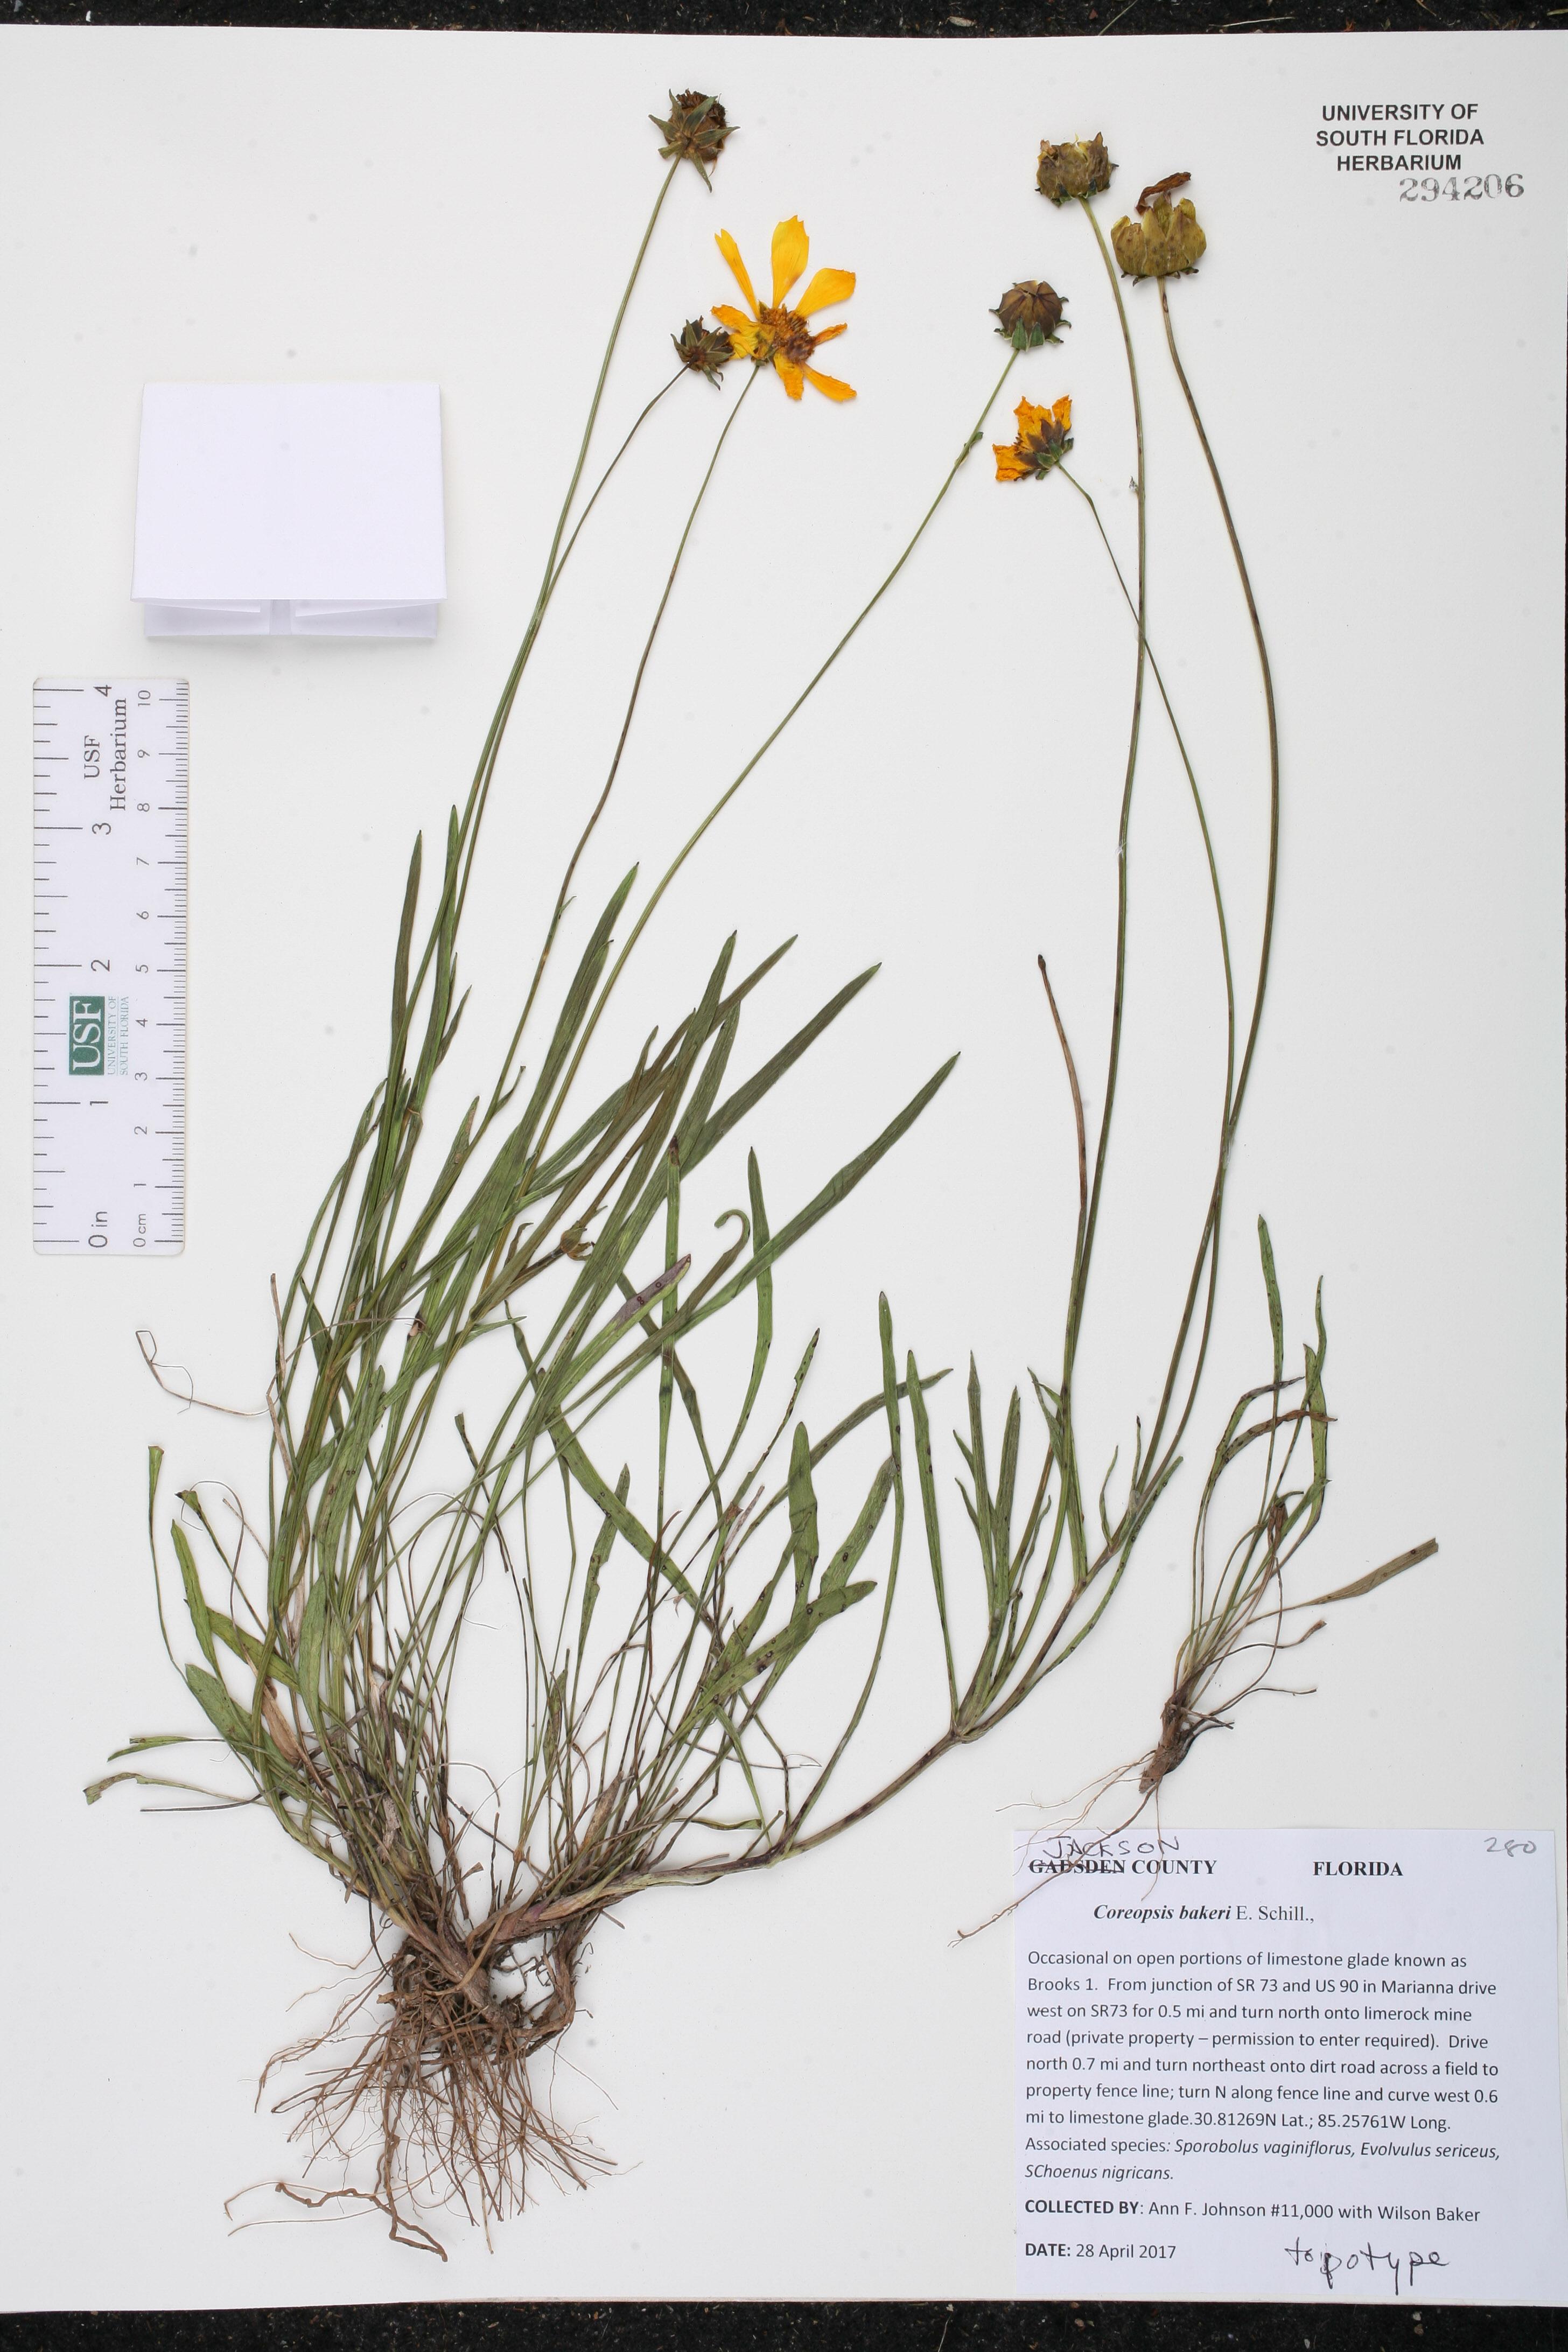 Coreopsis bakeri image